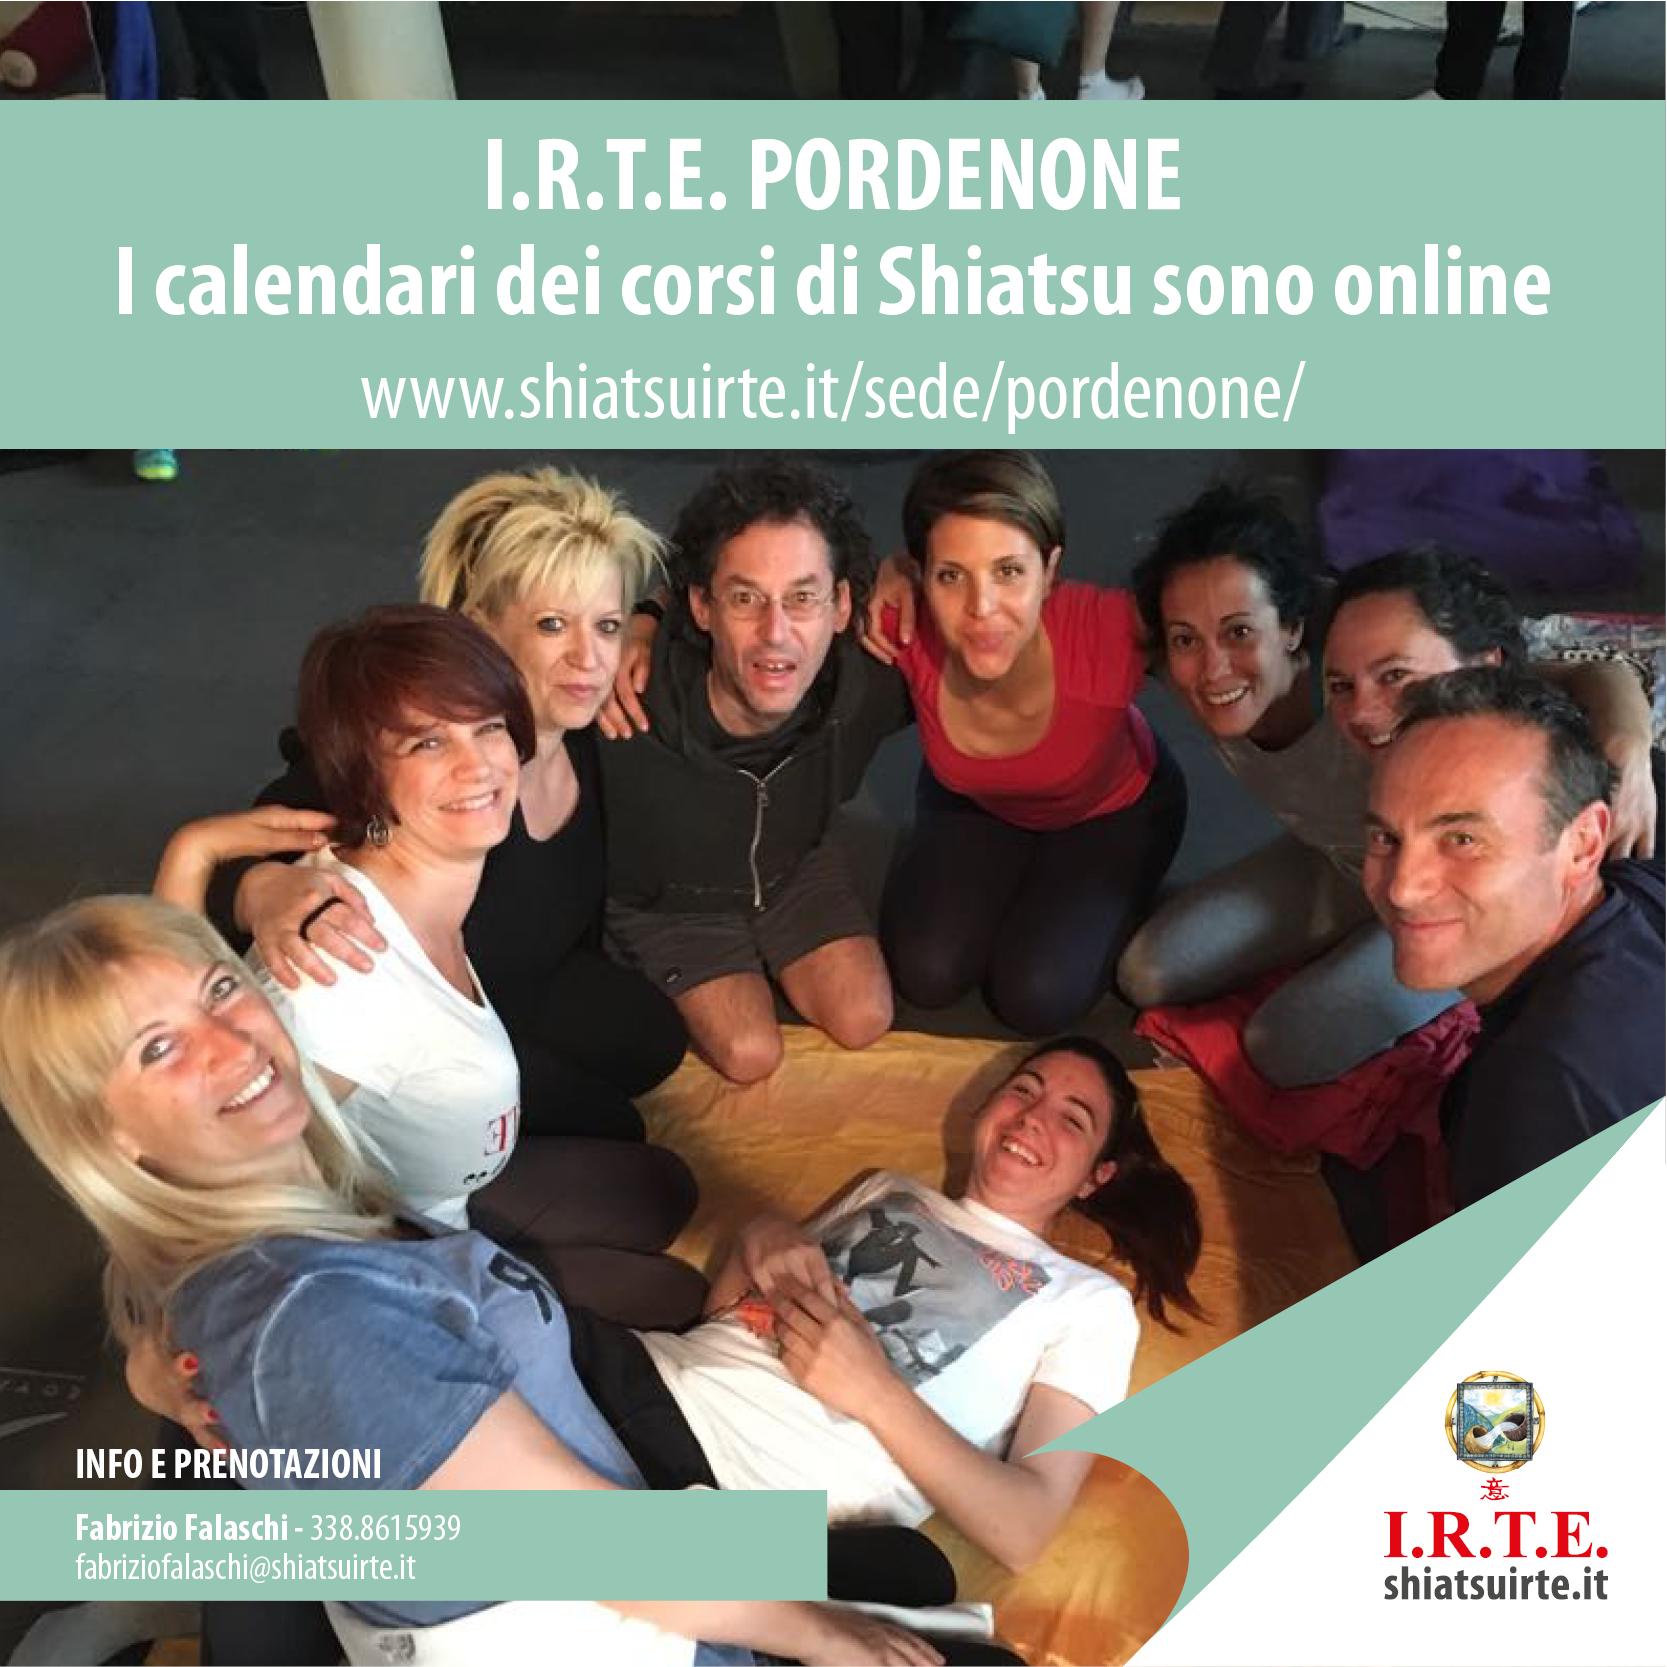 I calendari dei corsi Shiatsu I.R.T.E. di PORDENONE sono online!